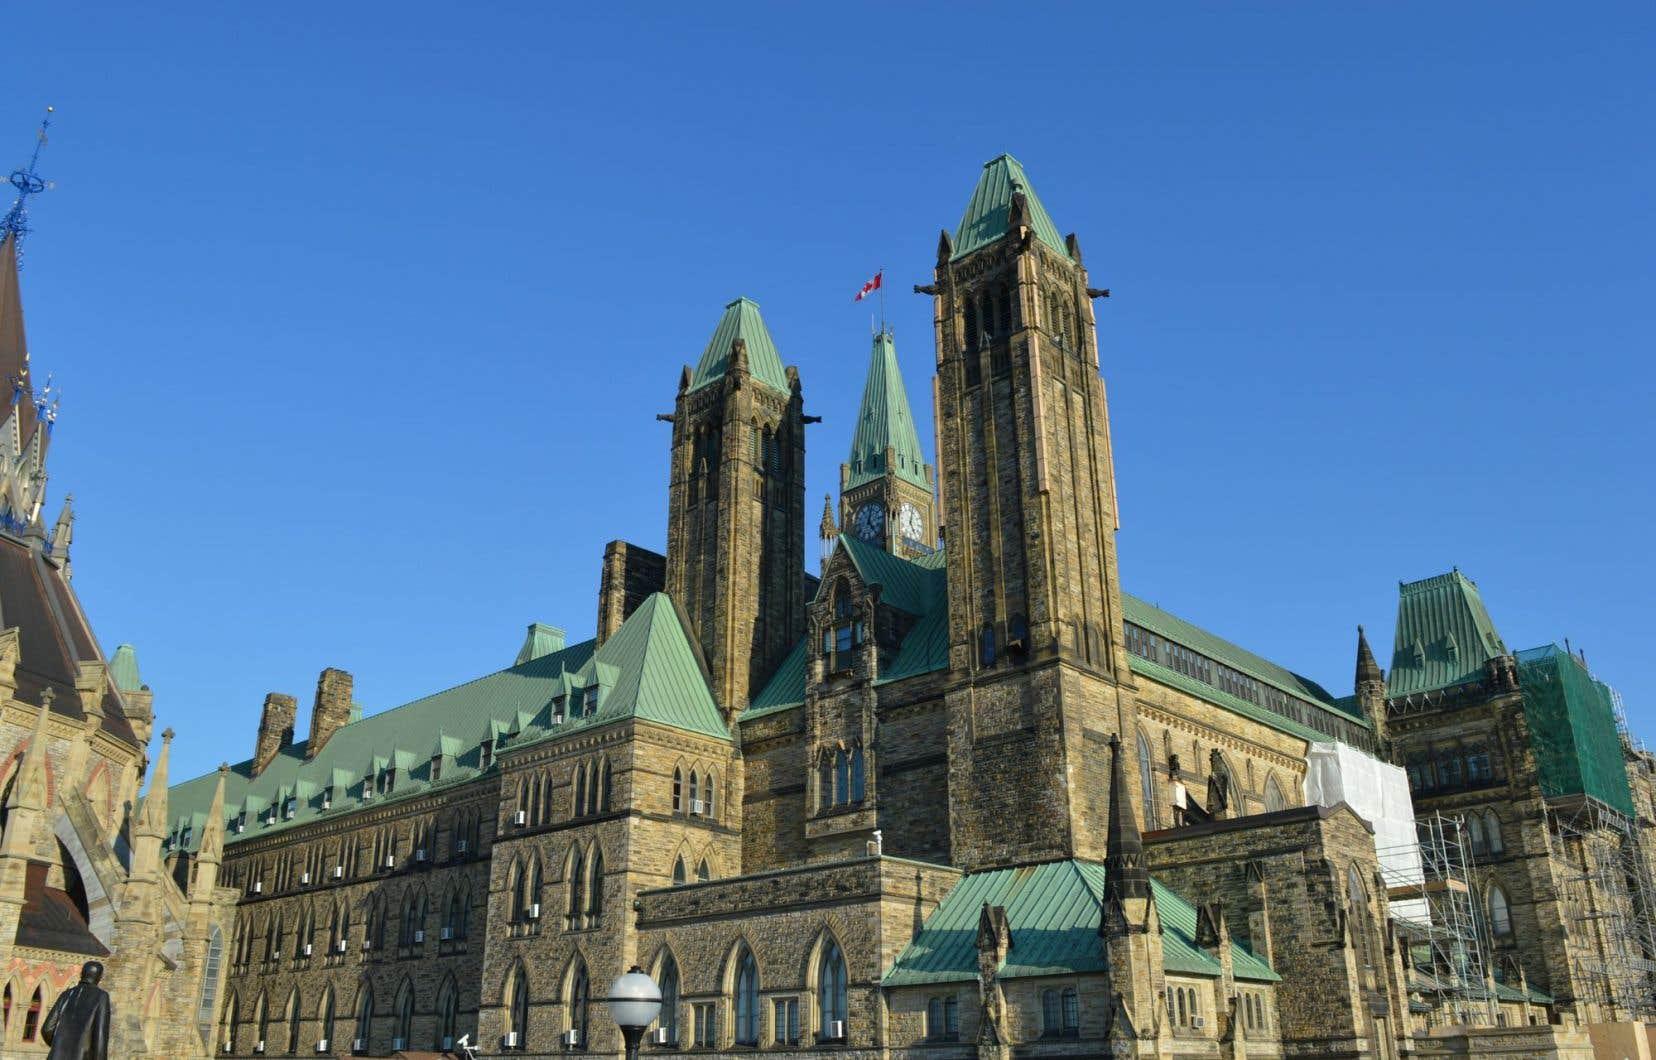 Selon des fonctionnaires, environ le tiers des édifices gouvernementaux seraient en mauvais état.